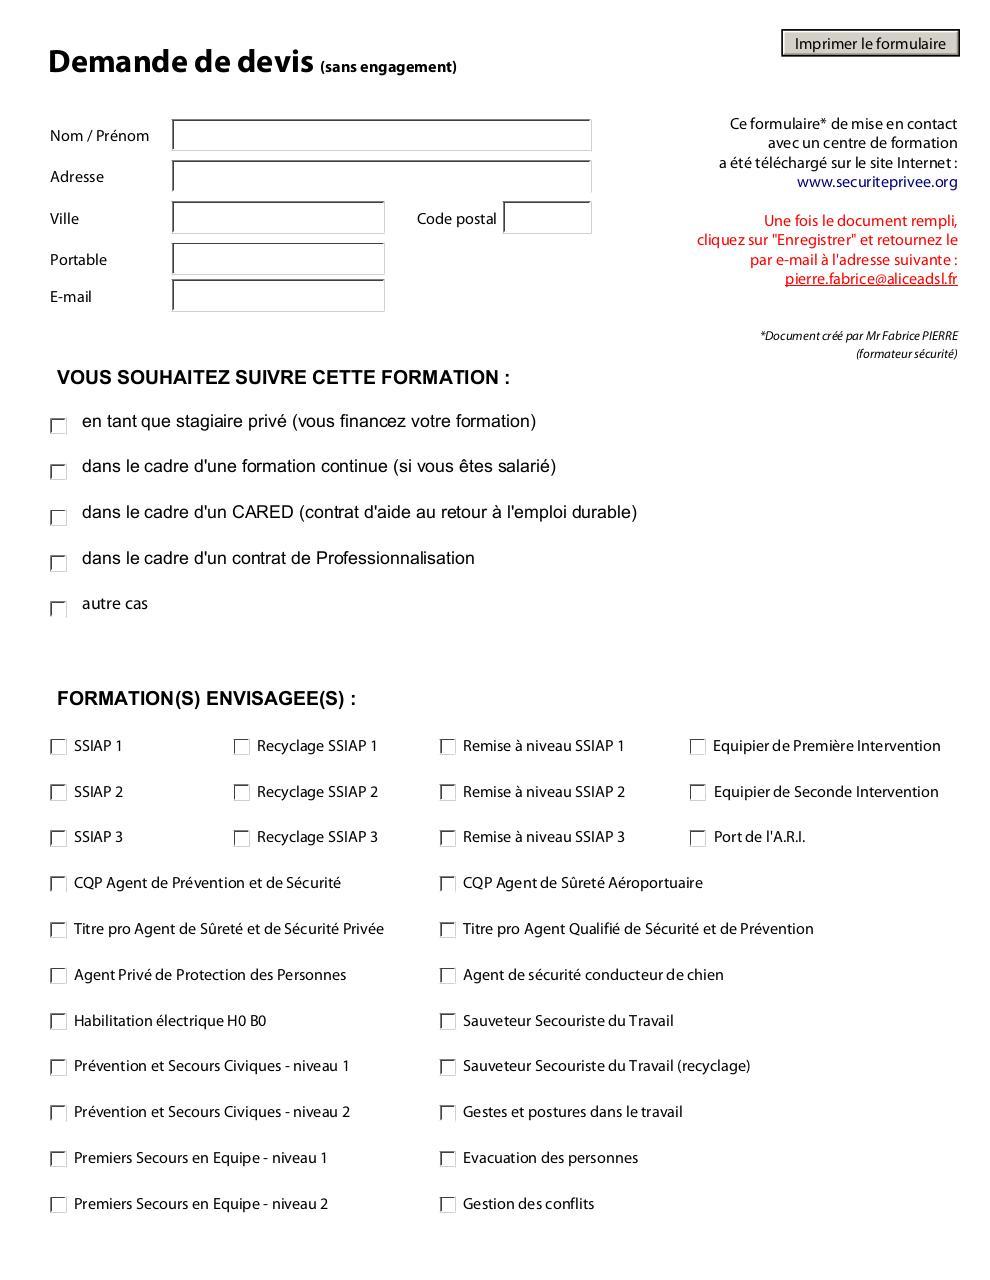 Formulaire de demande de devis formation fichier pdf for Demande de devis